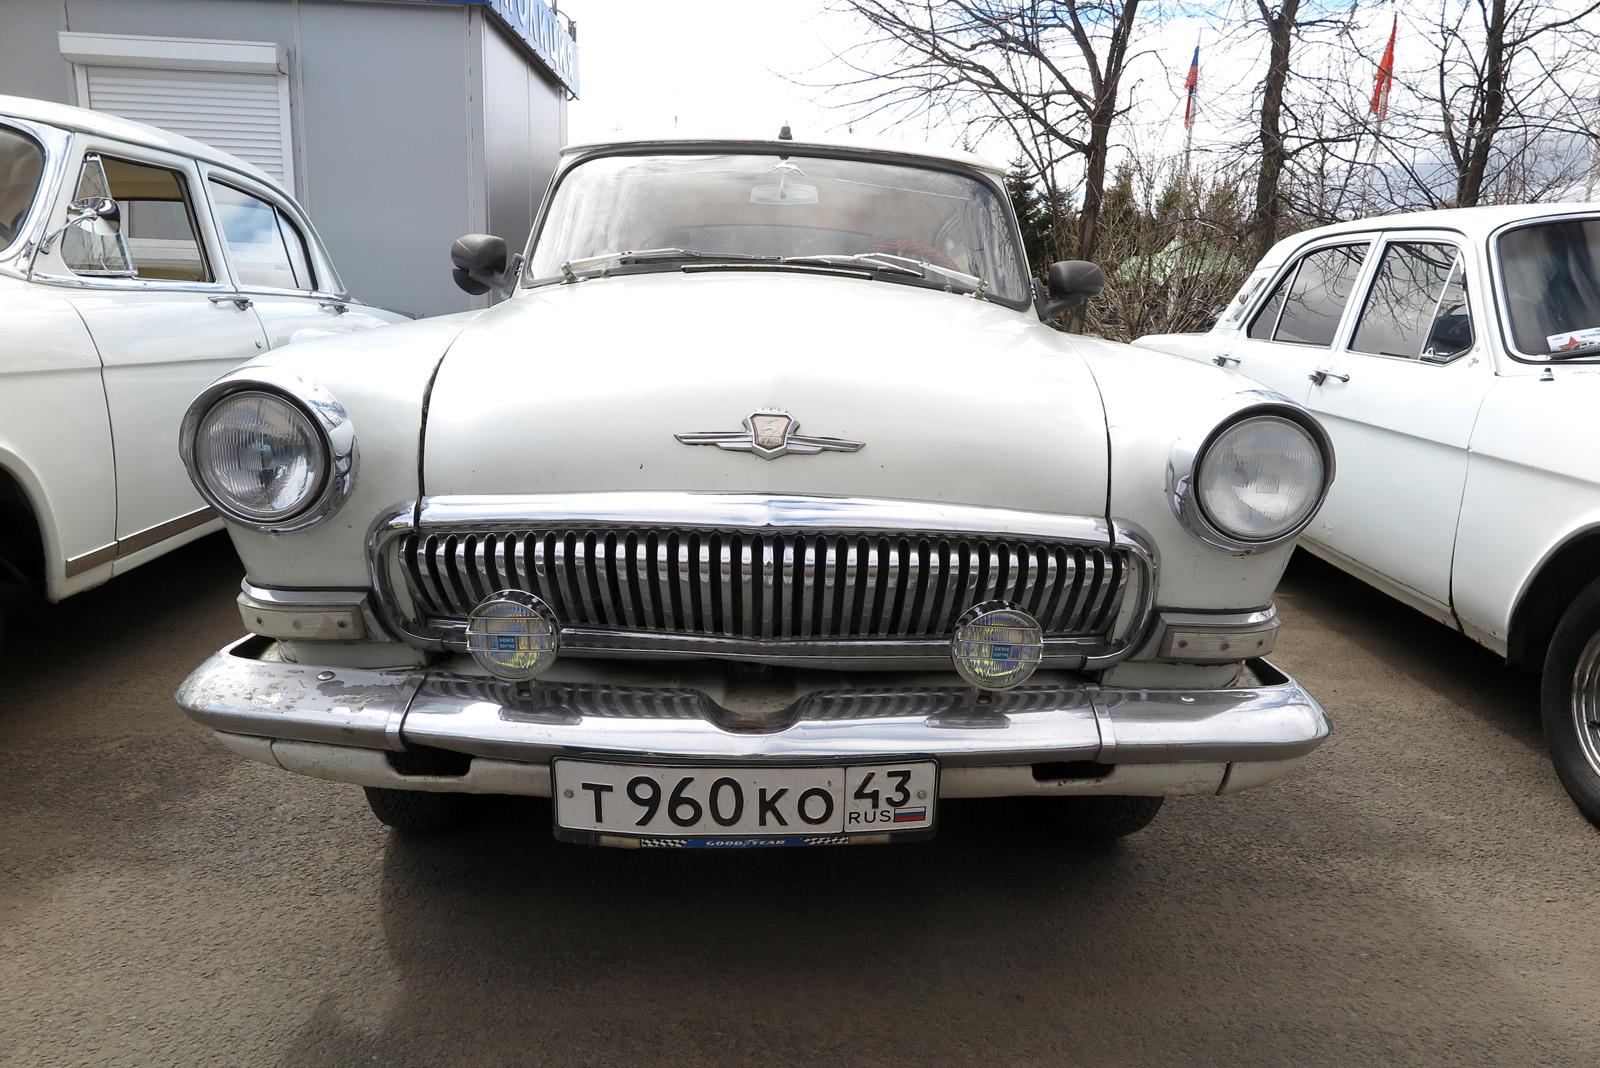 2037 ГАЗ-21 №т960ко.JPG